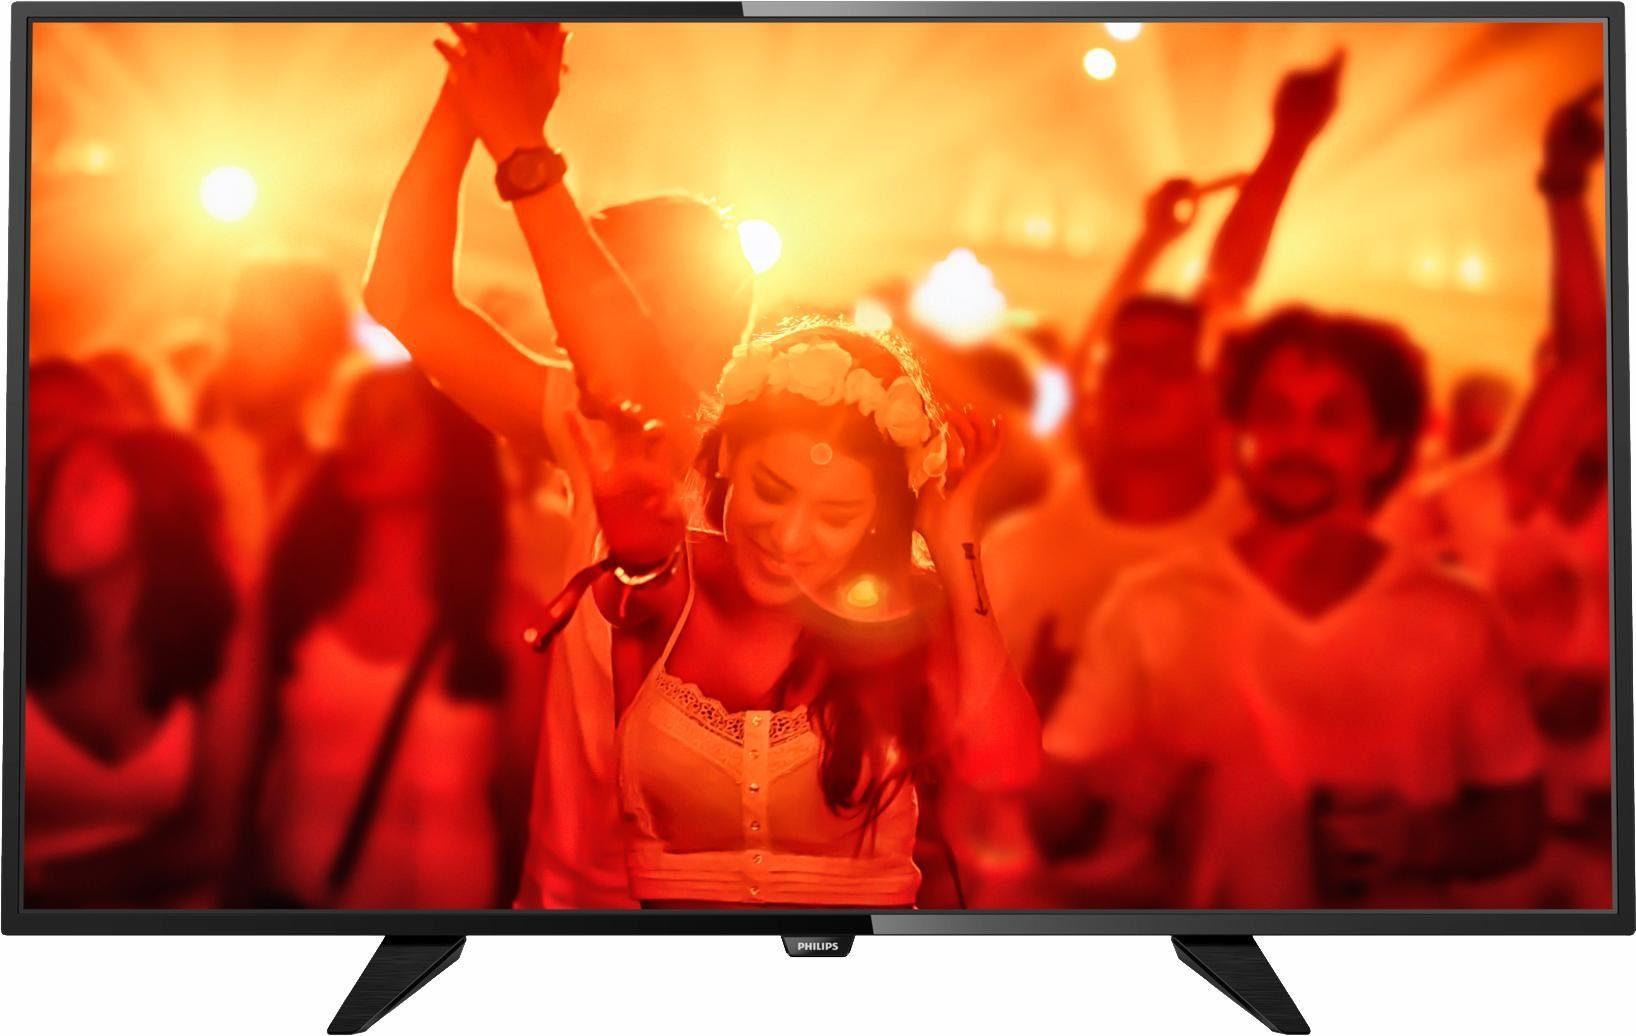 Philips 40PFK4101/12, LED Fernseher, 102 cm (40 Zoll), 1080p (Full HD)